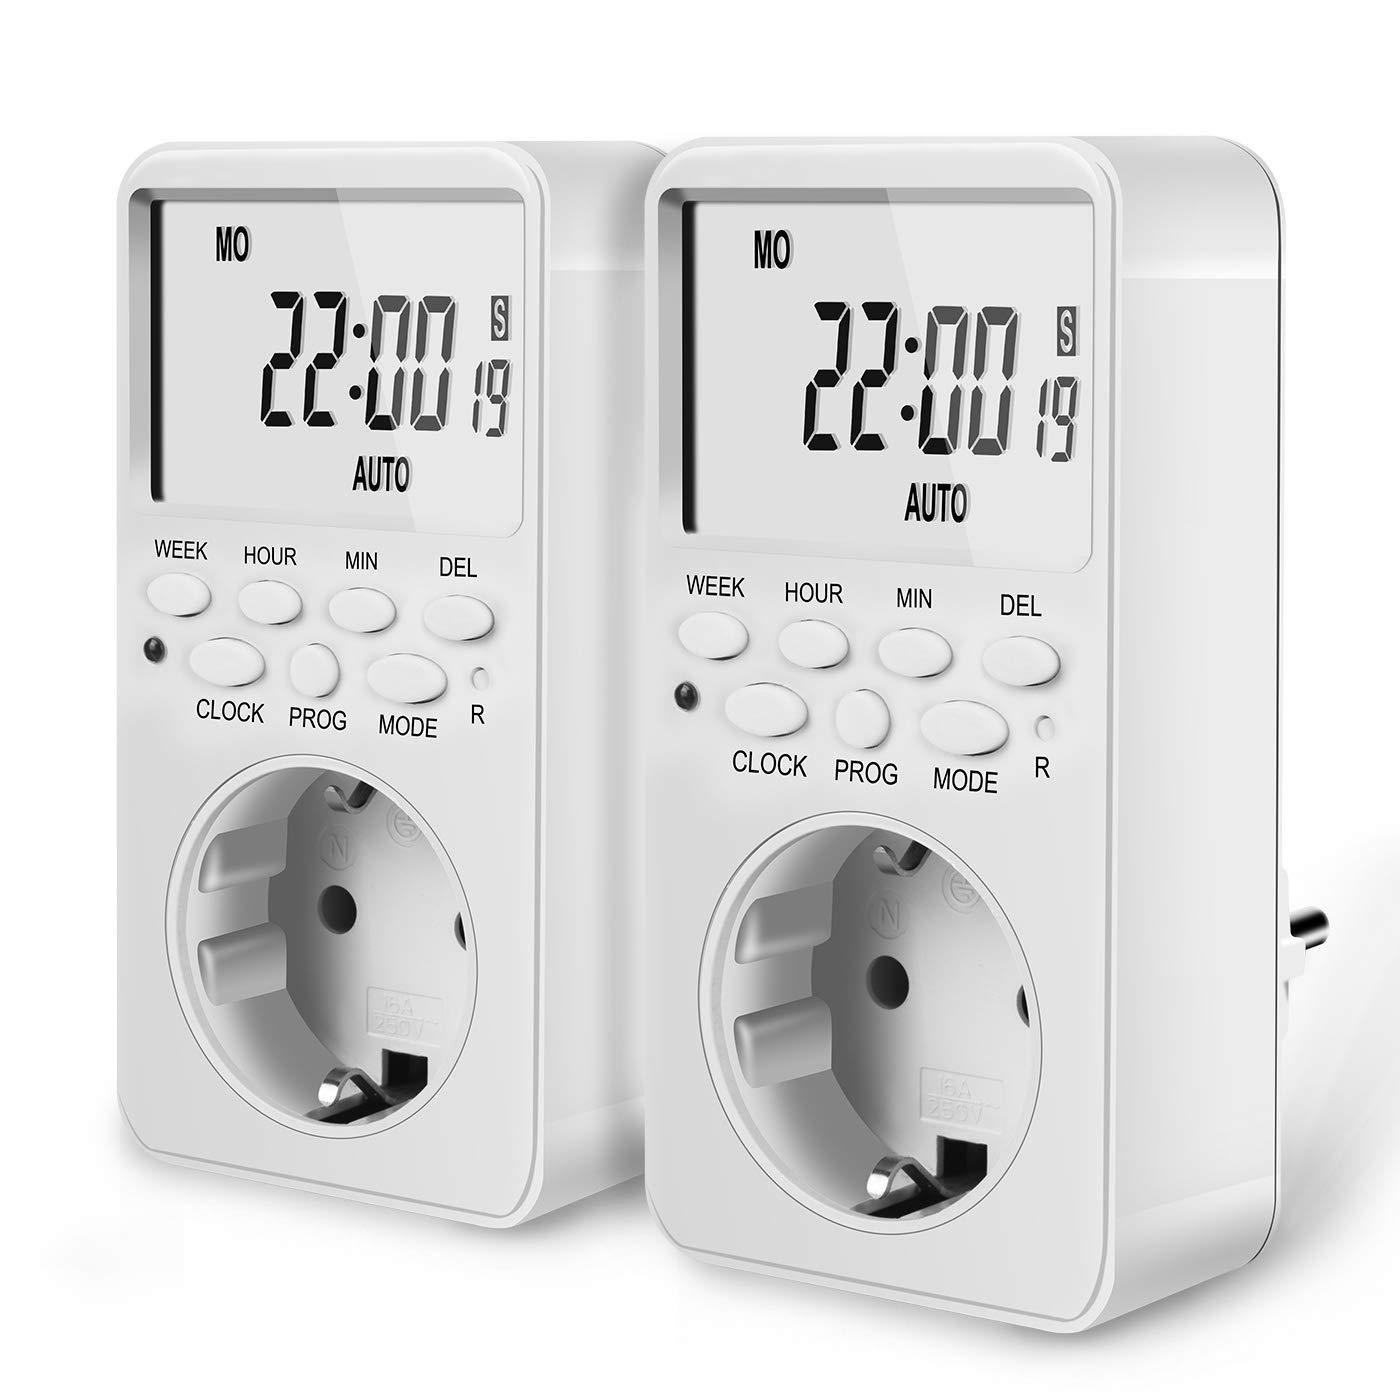 2x COCIER Enchufe Programable, Programador Digital Temporizador Enchufe, 20 Programas, con Pantalla LCD